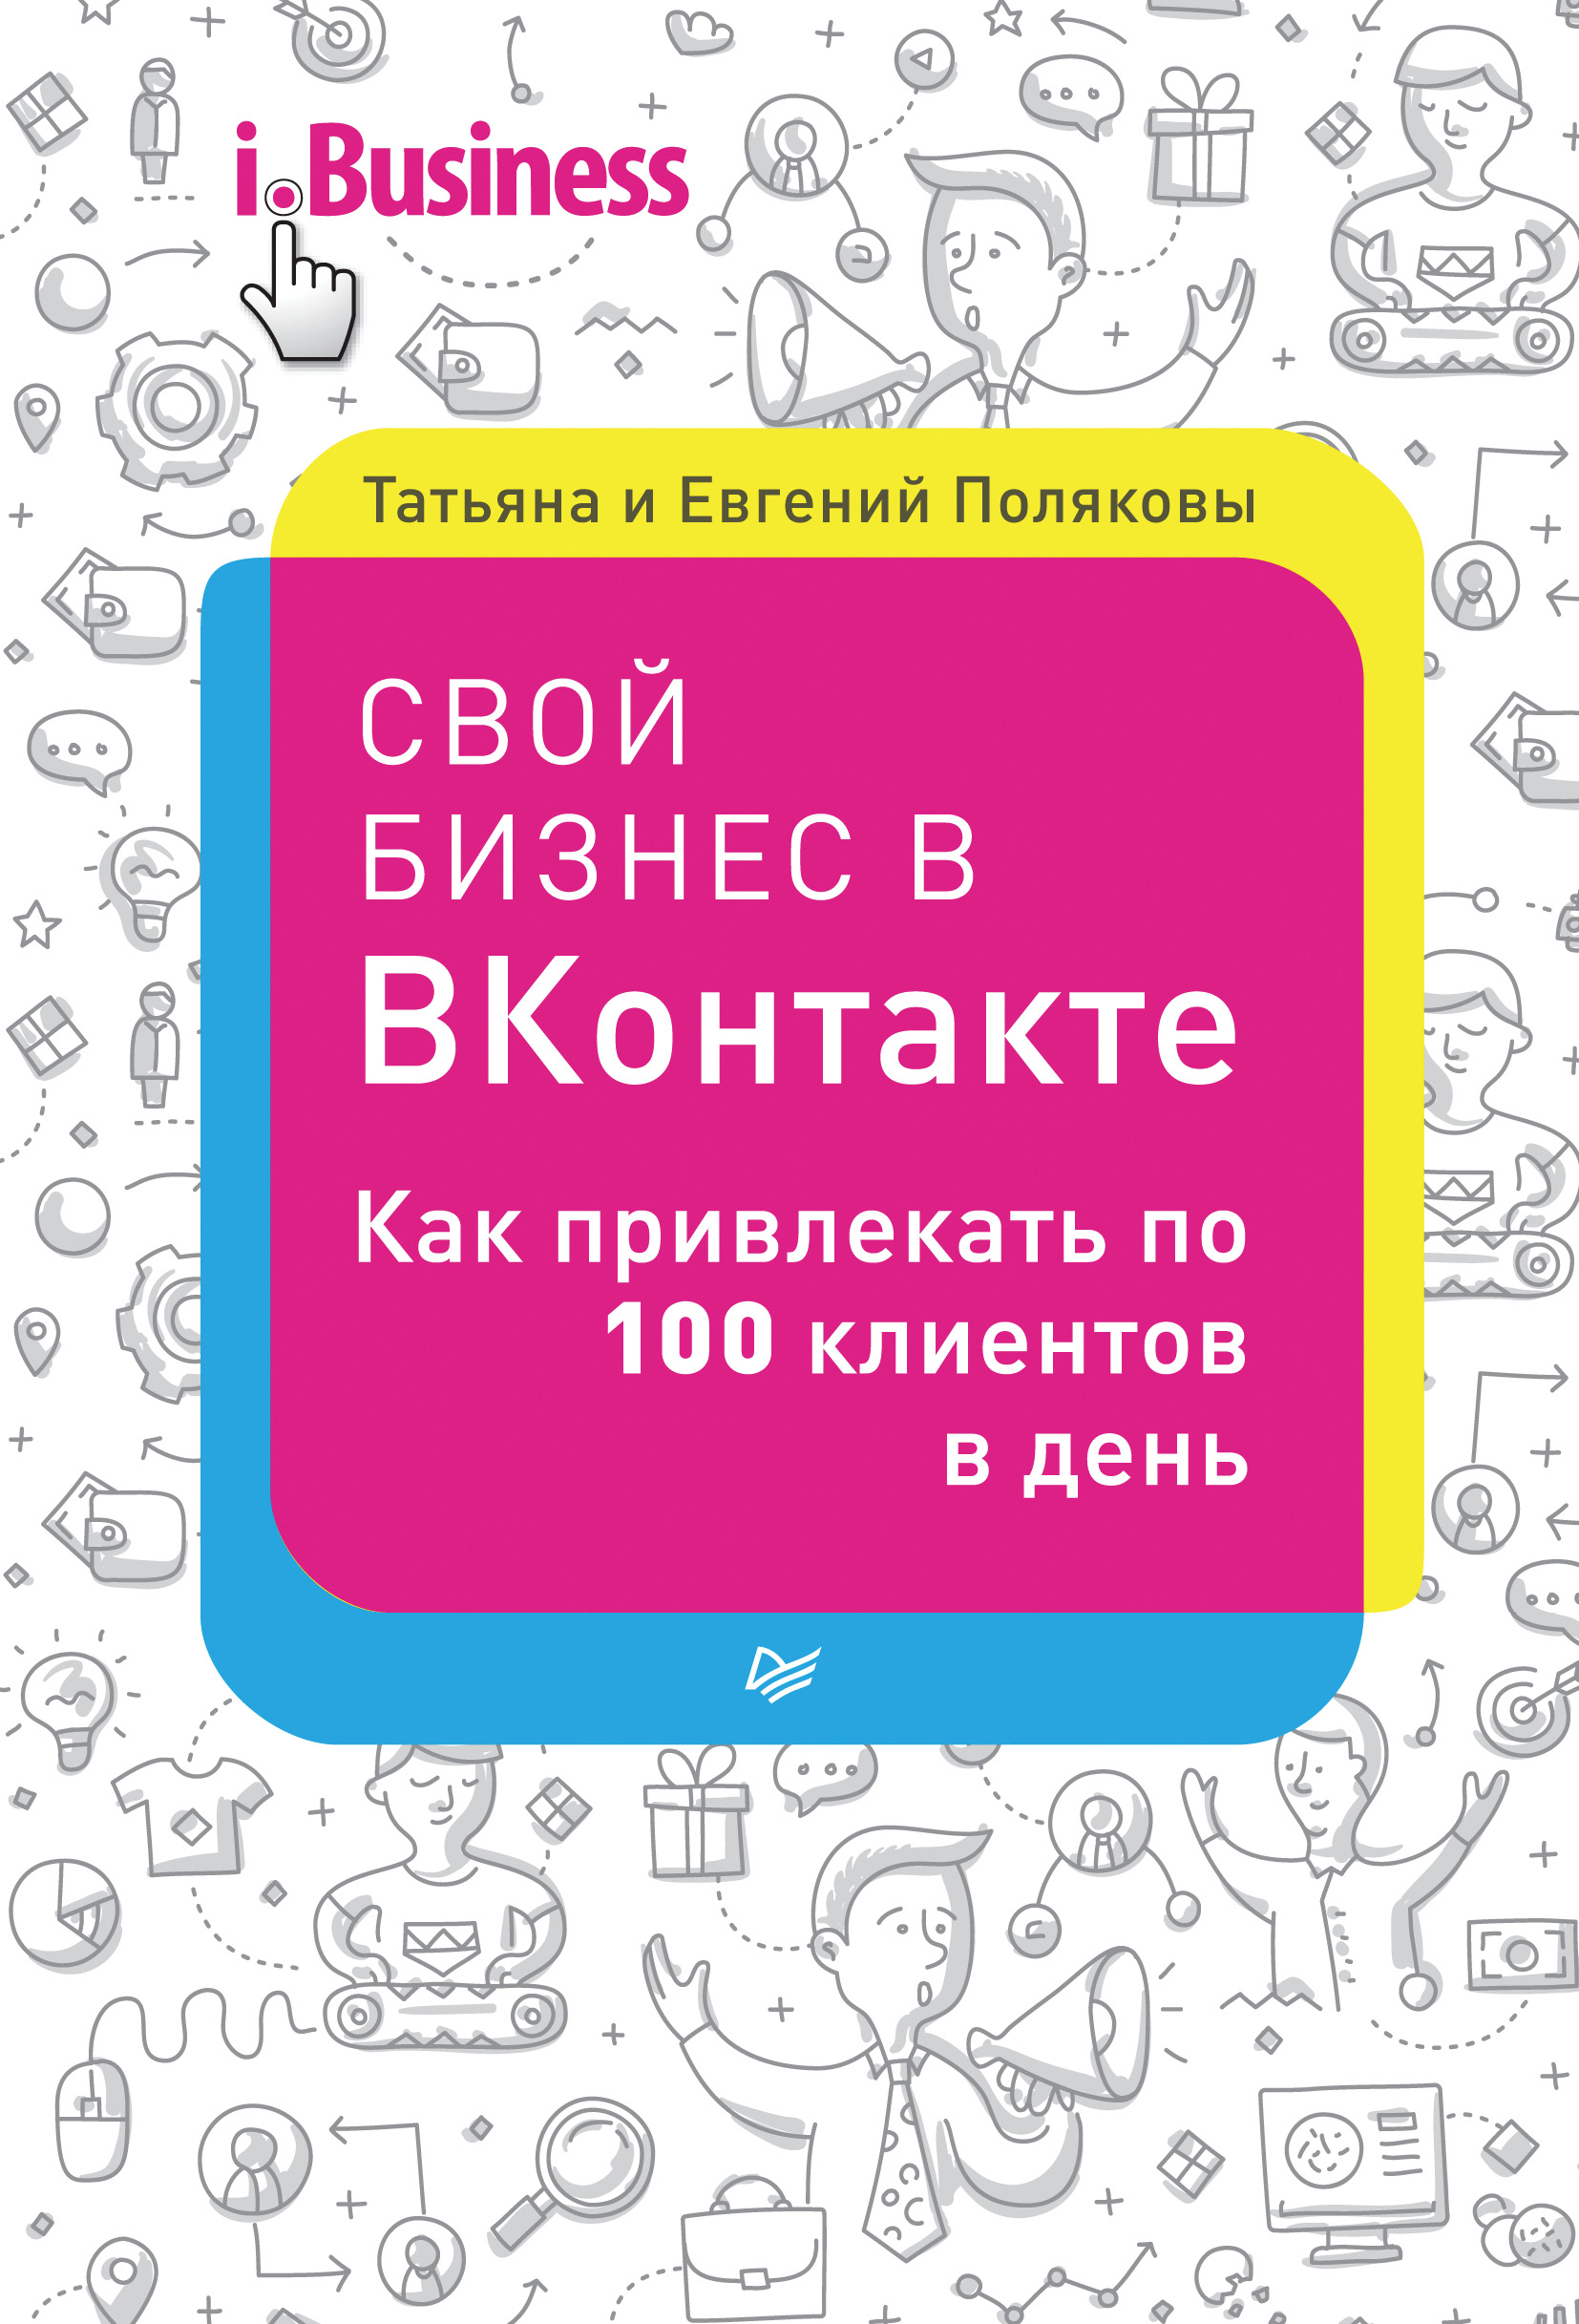 Евгений Поляков Свой бизнес в «ВКонтакте». Как привлекать по 100 клиентов в день питер свой бизнес в вконтакте как привлекать по 100 клиентов в день